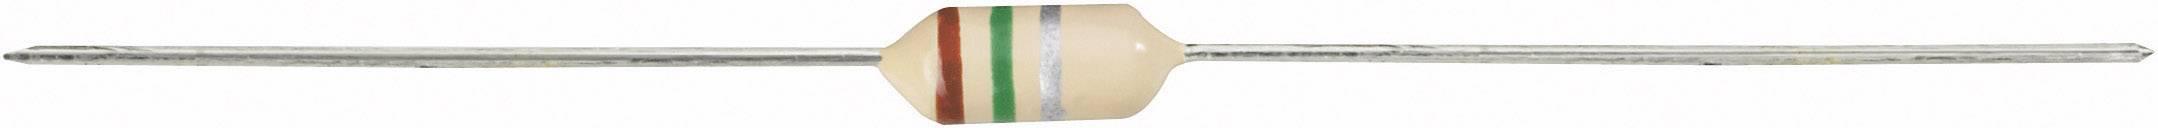 VF cívka Fastron SMCC-222J-02, 2200 µH, 0,08 A, 10 %, SMCC-222, ferit